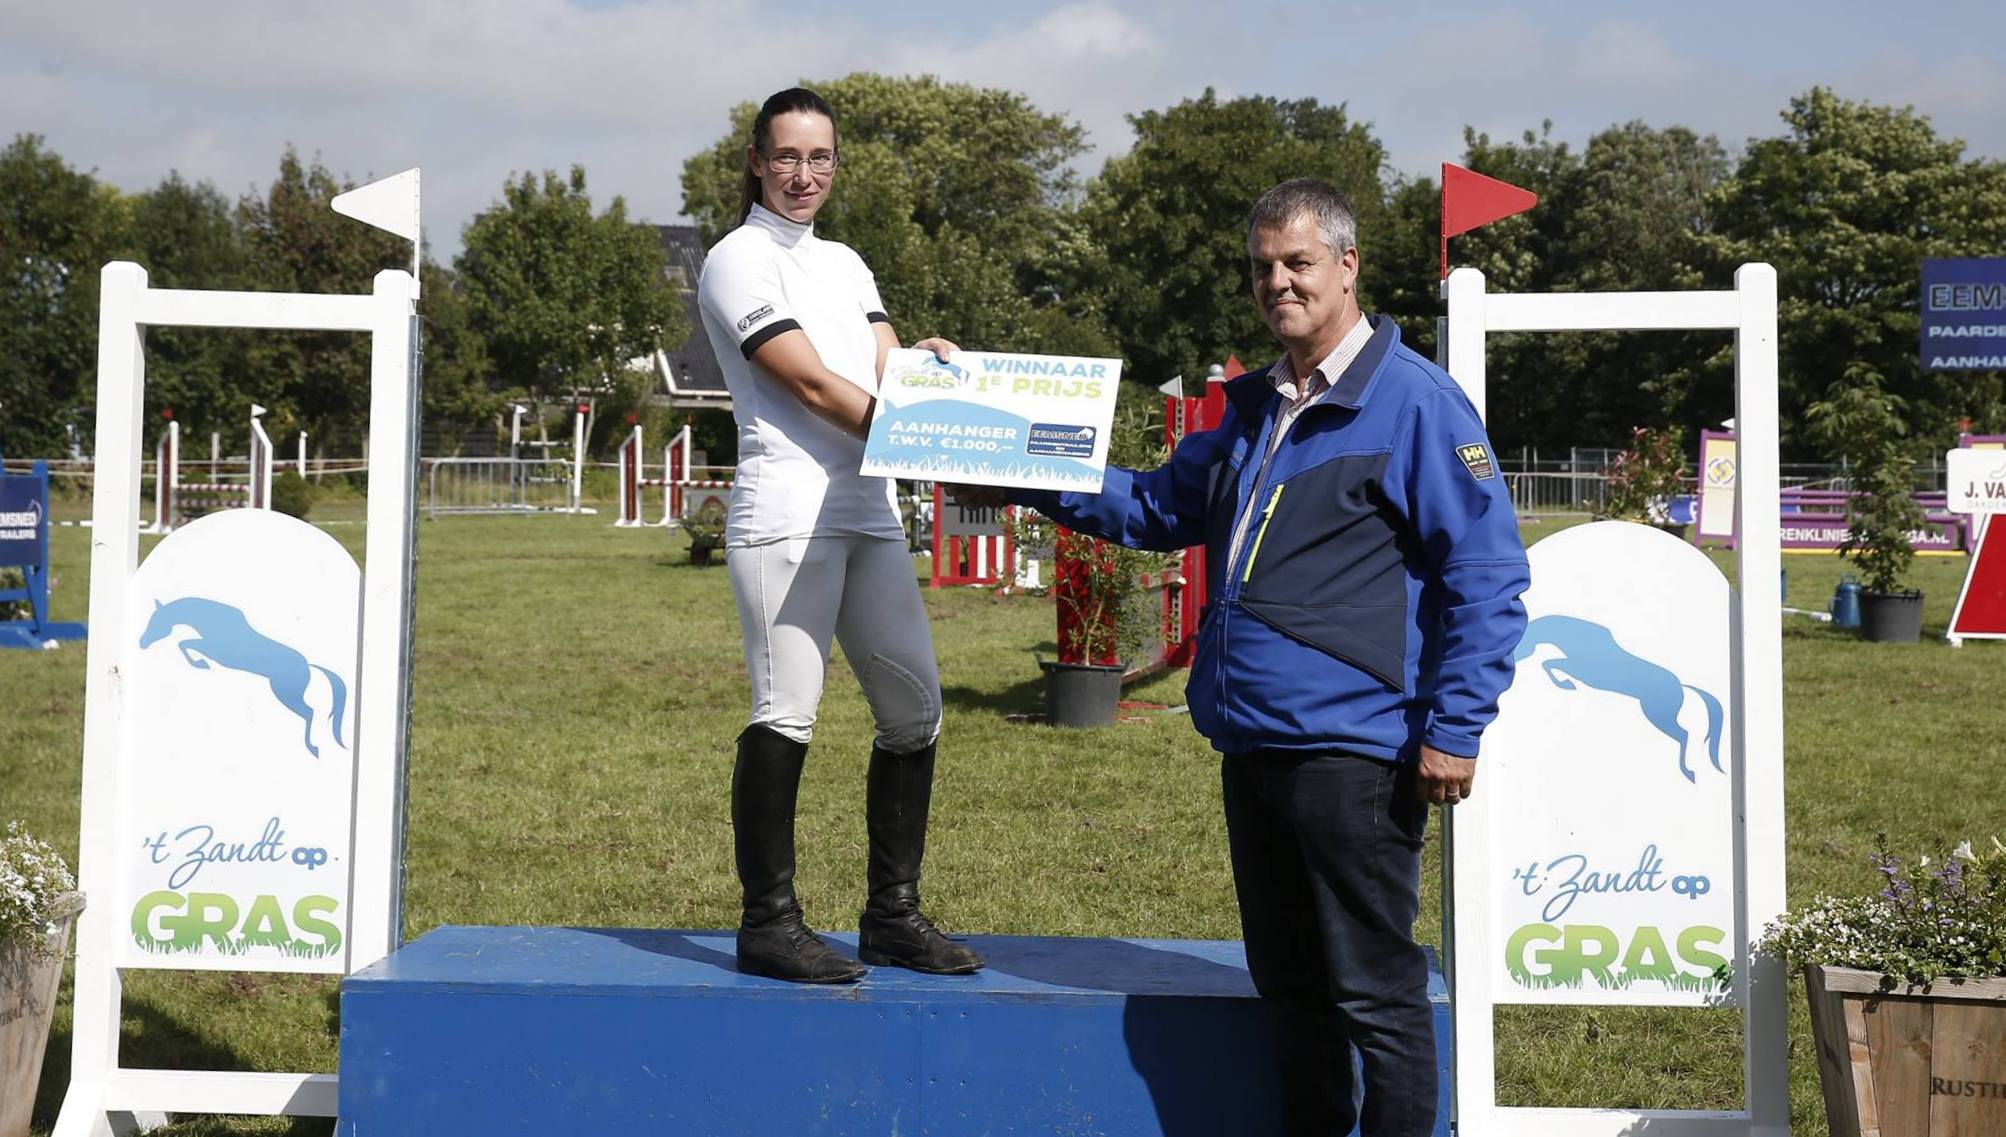 Marian Lunsche krijgt de extra prijs uit handen van sponsor Gert Smit van Eemsned.